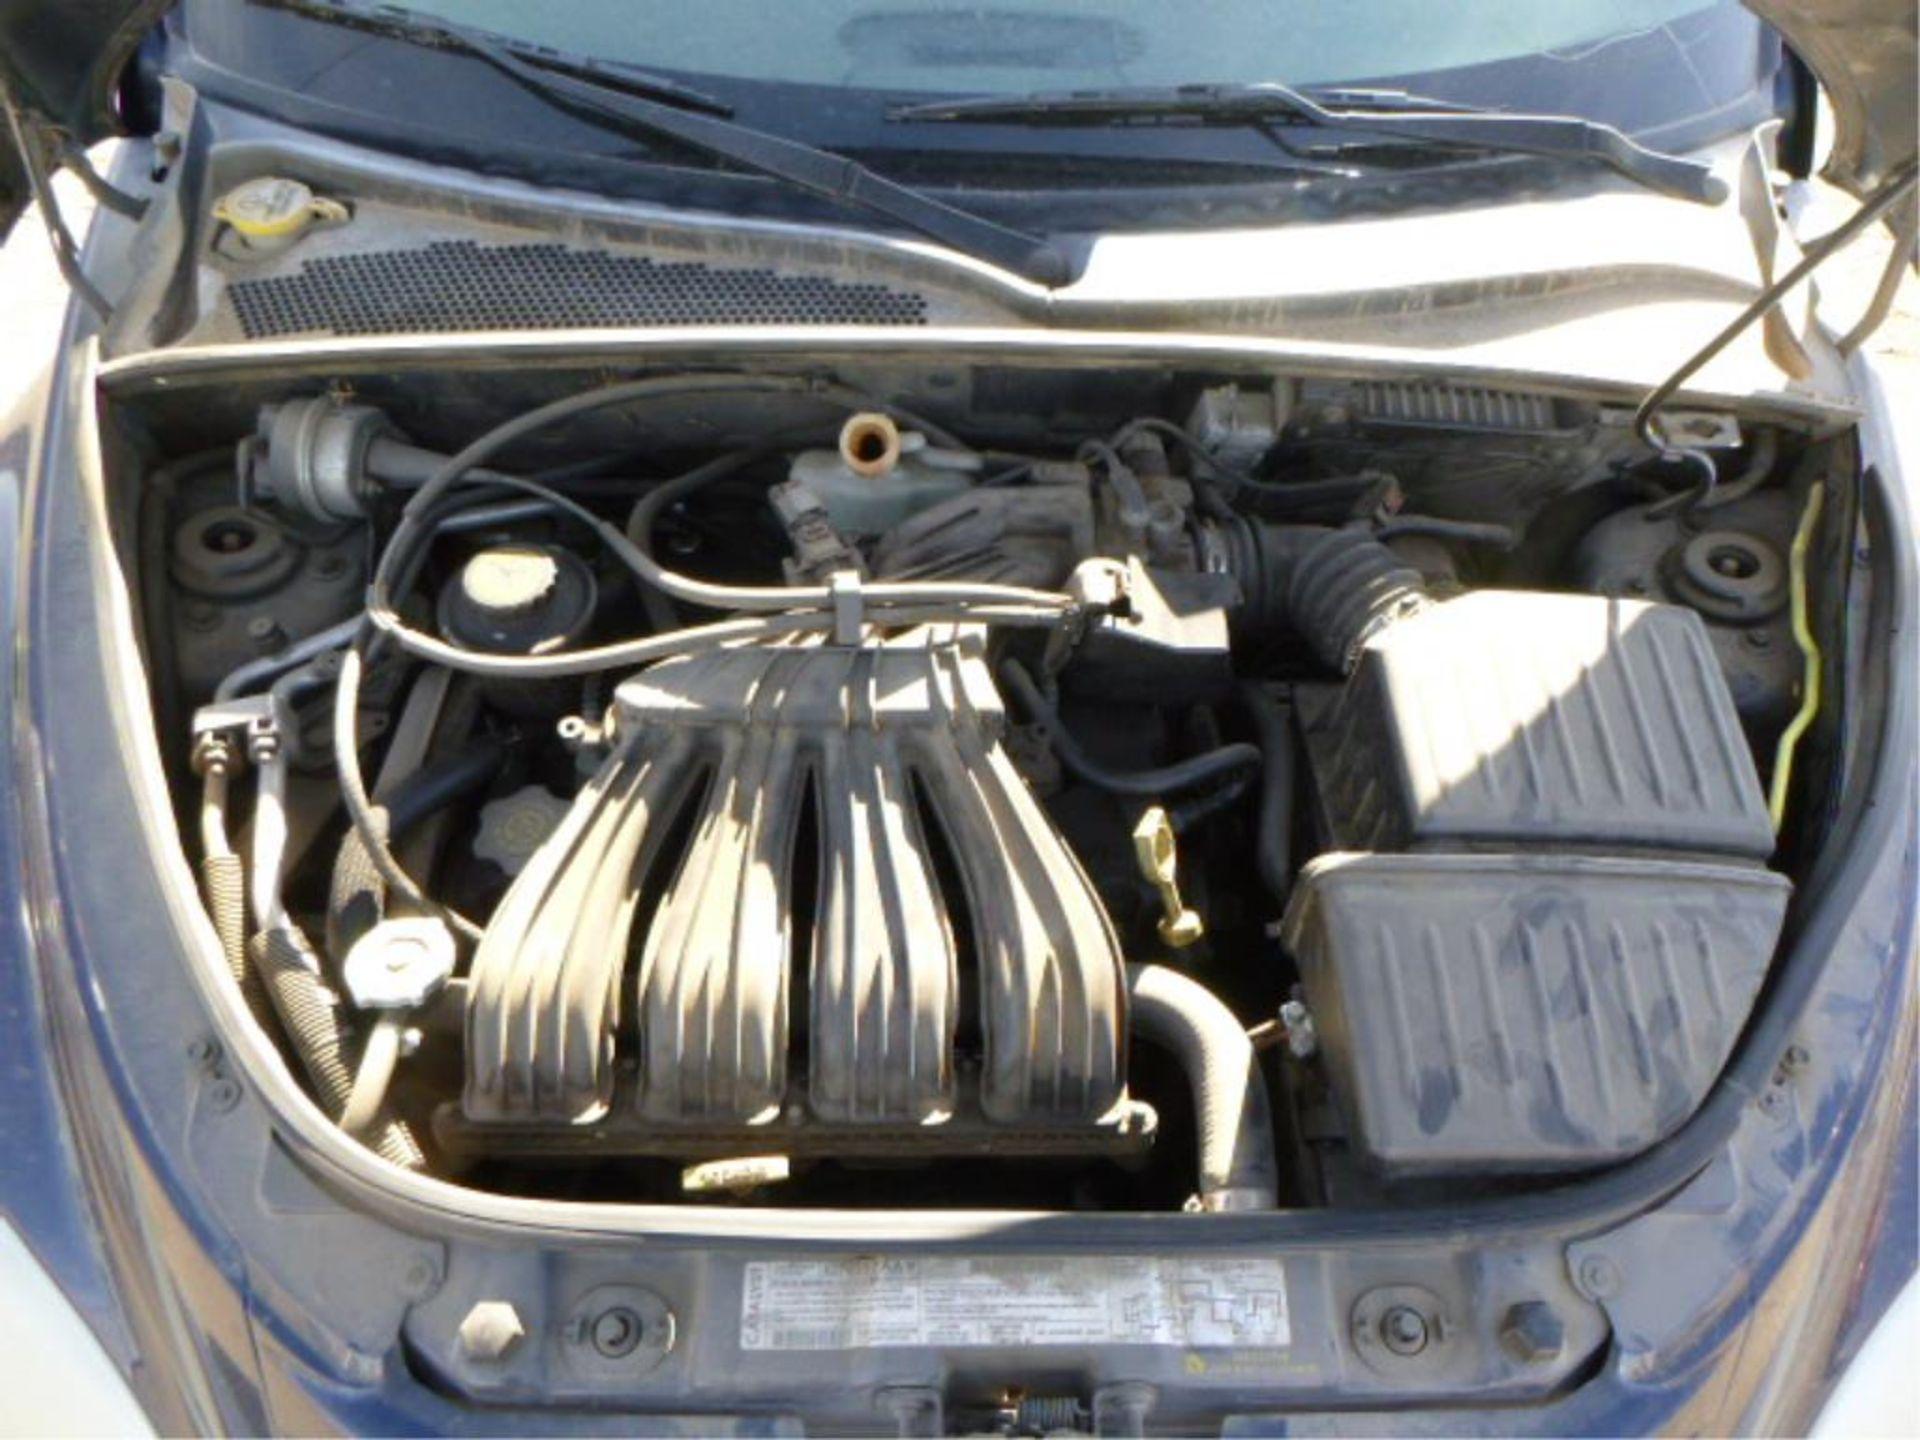 2002 Chrysler PT Cruiser - Image 6 of 14